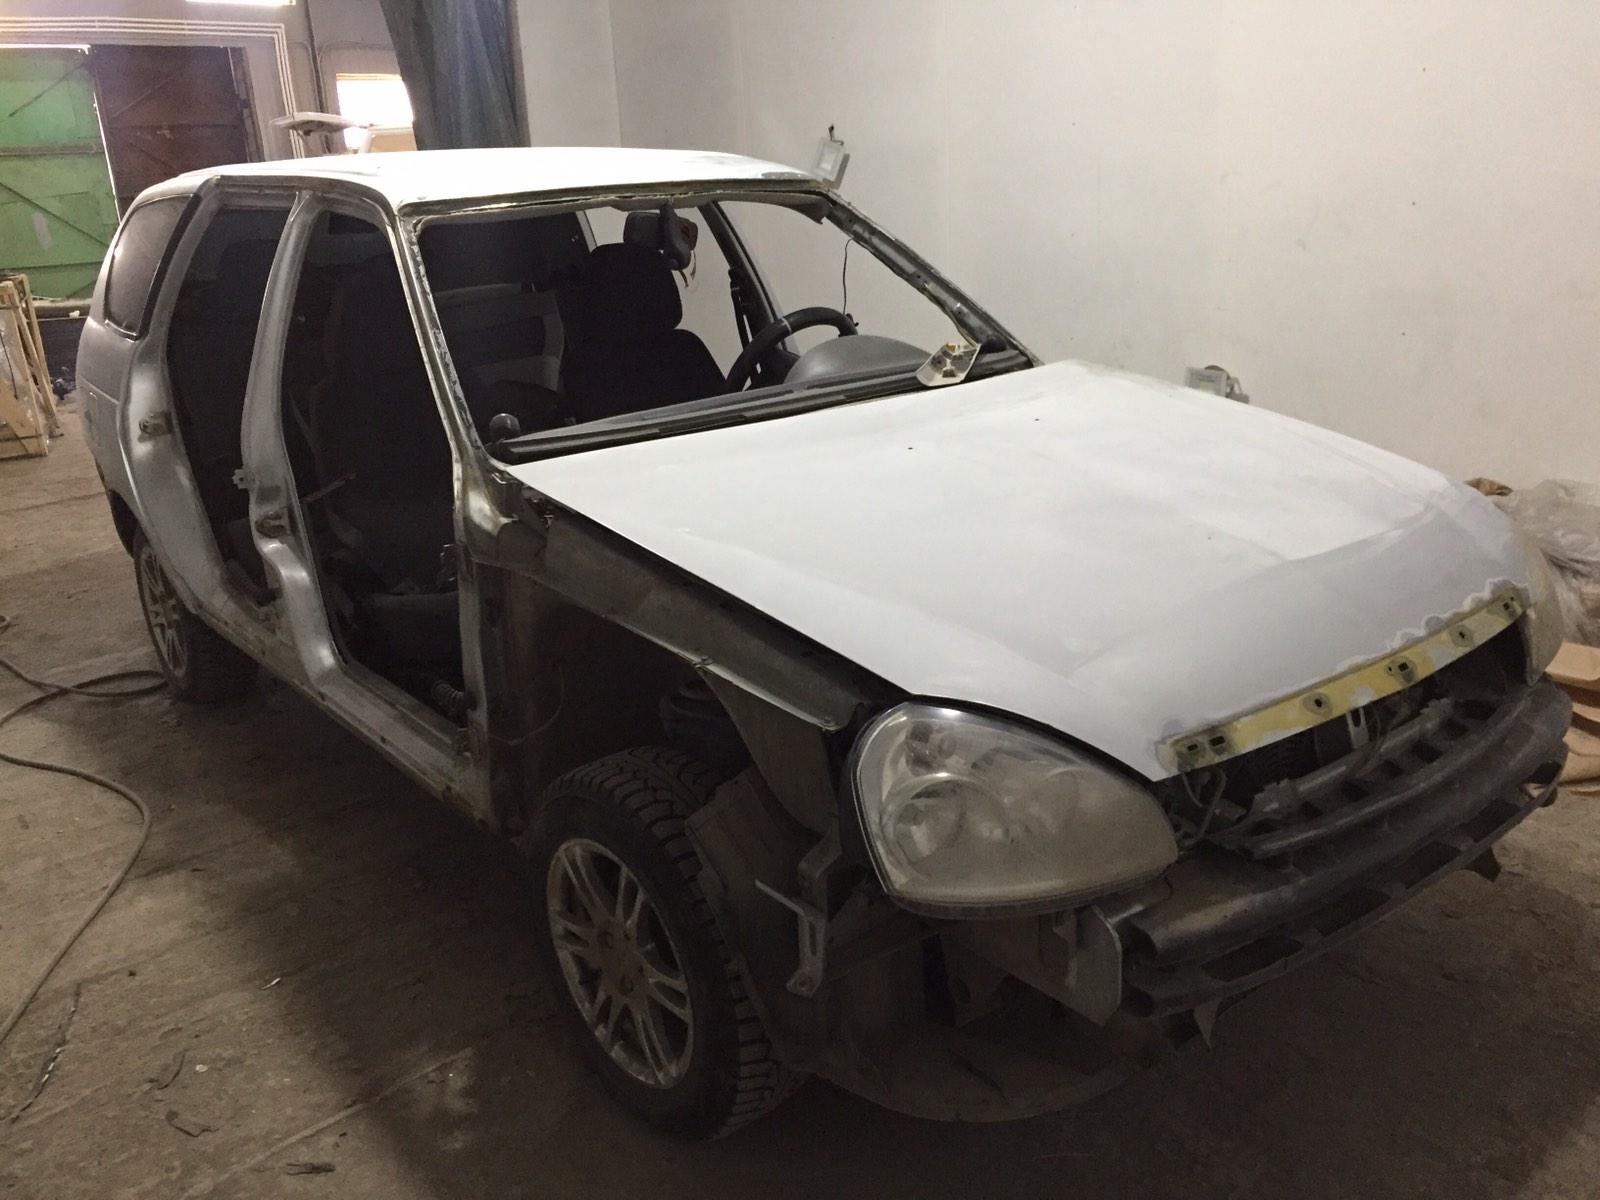 Приора/Priora Универсал - Обширный кузовной ремонт и антикор - до